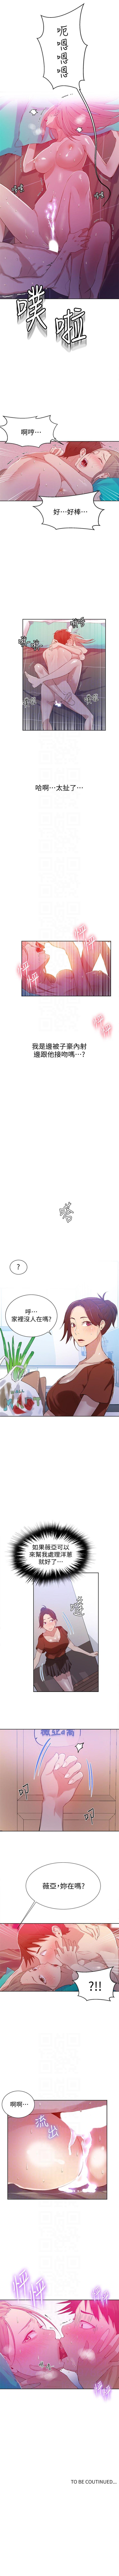 秘密教學  1-50 官方中文(連載中) 113